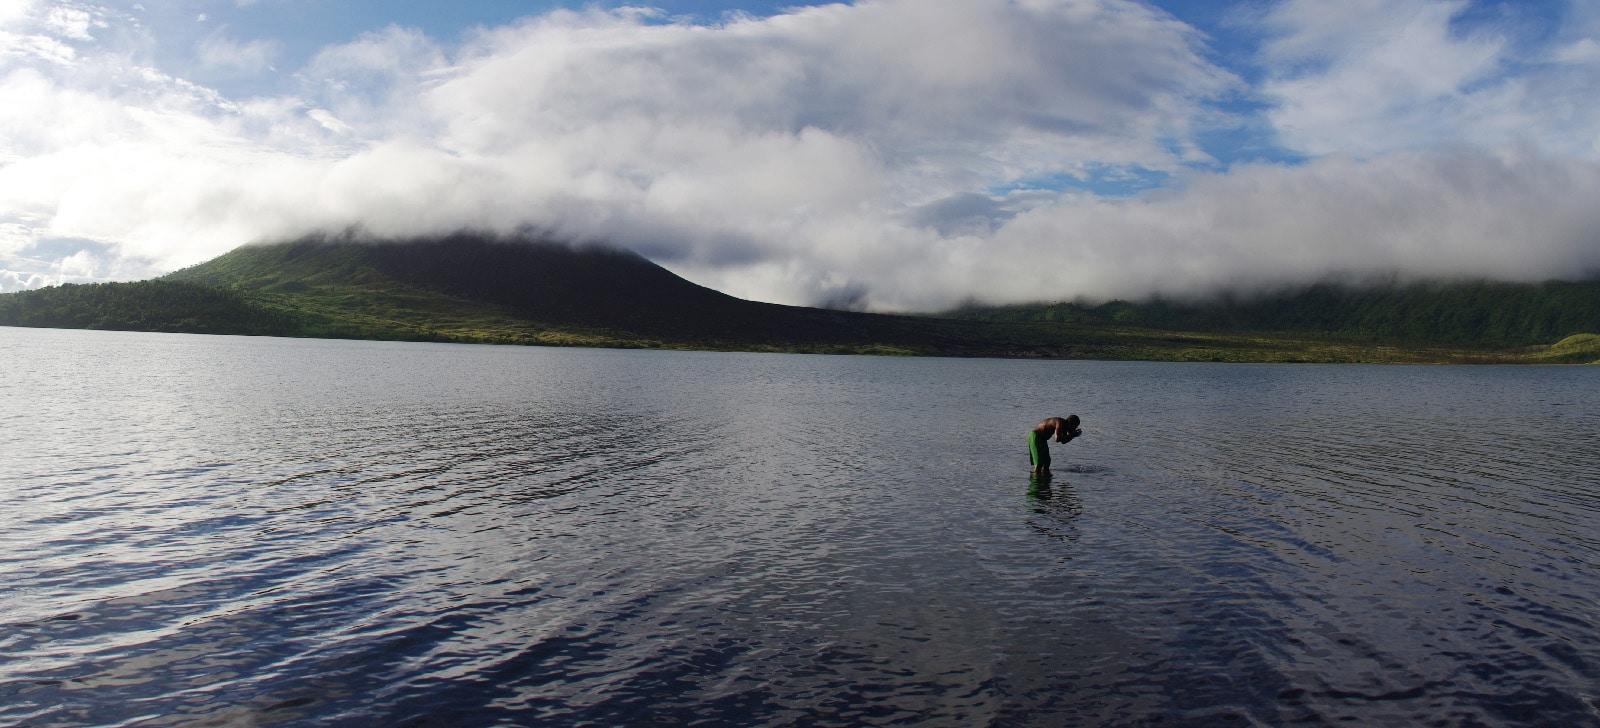 Toilette matinale dans le lac de cratère sur l'île de Gaua.